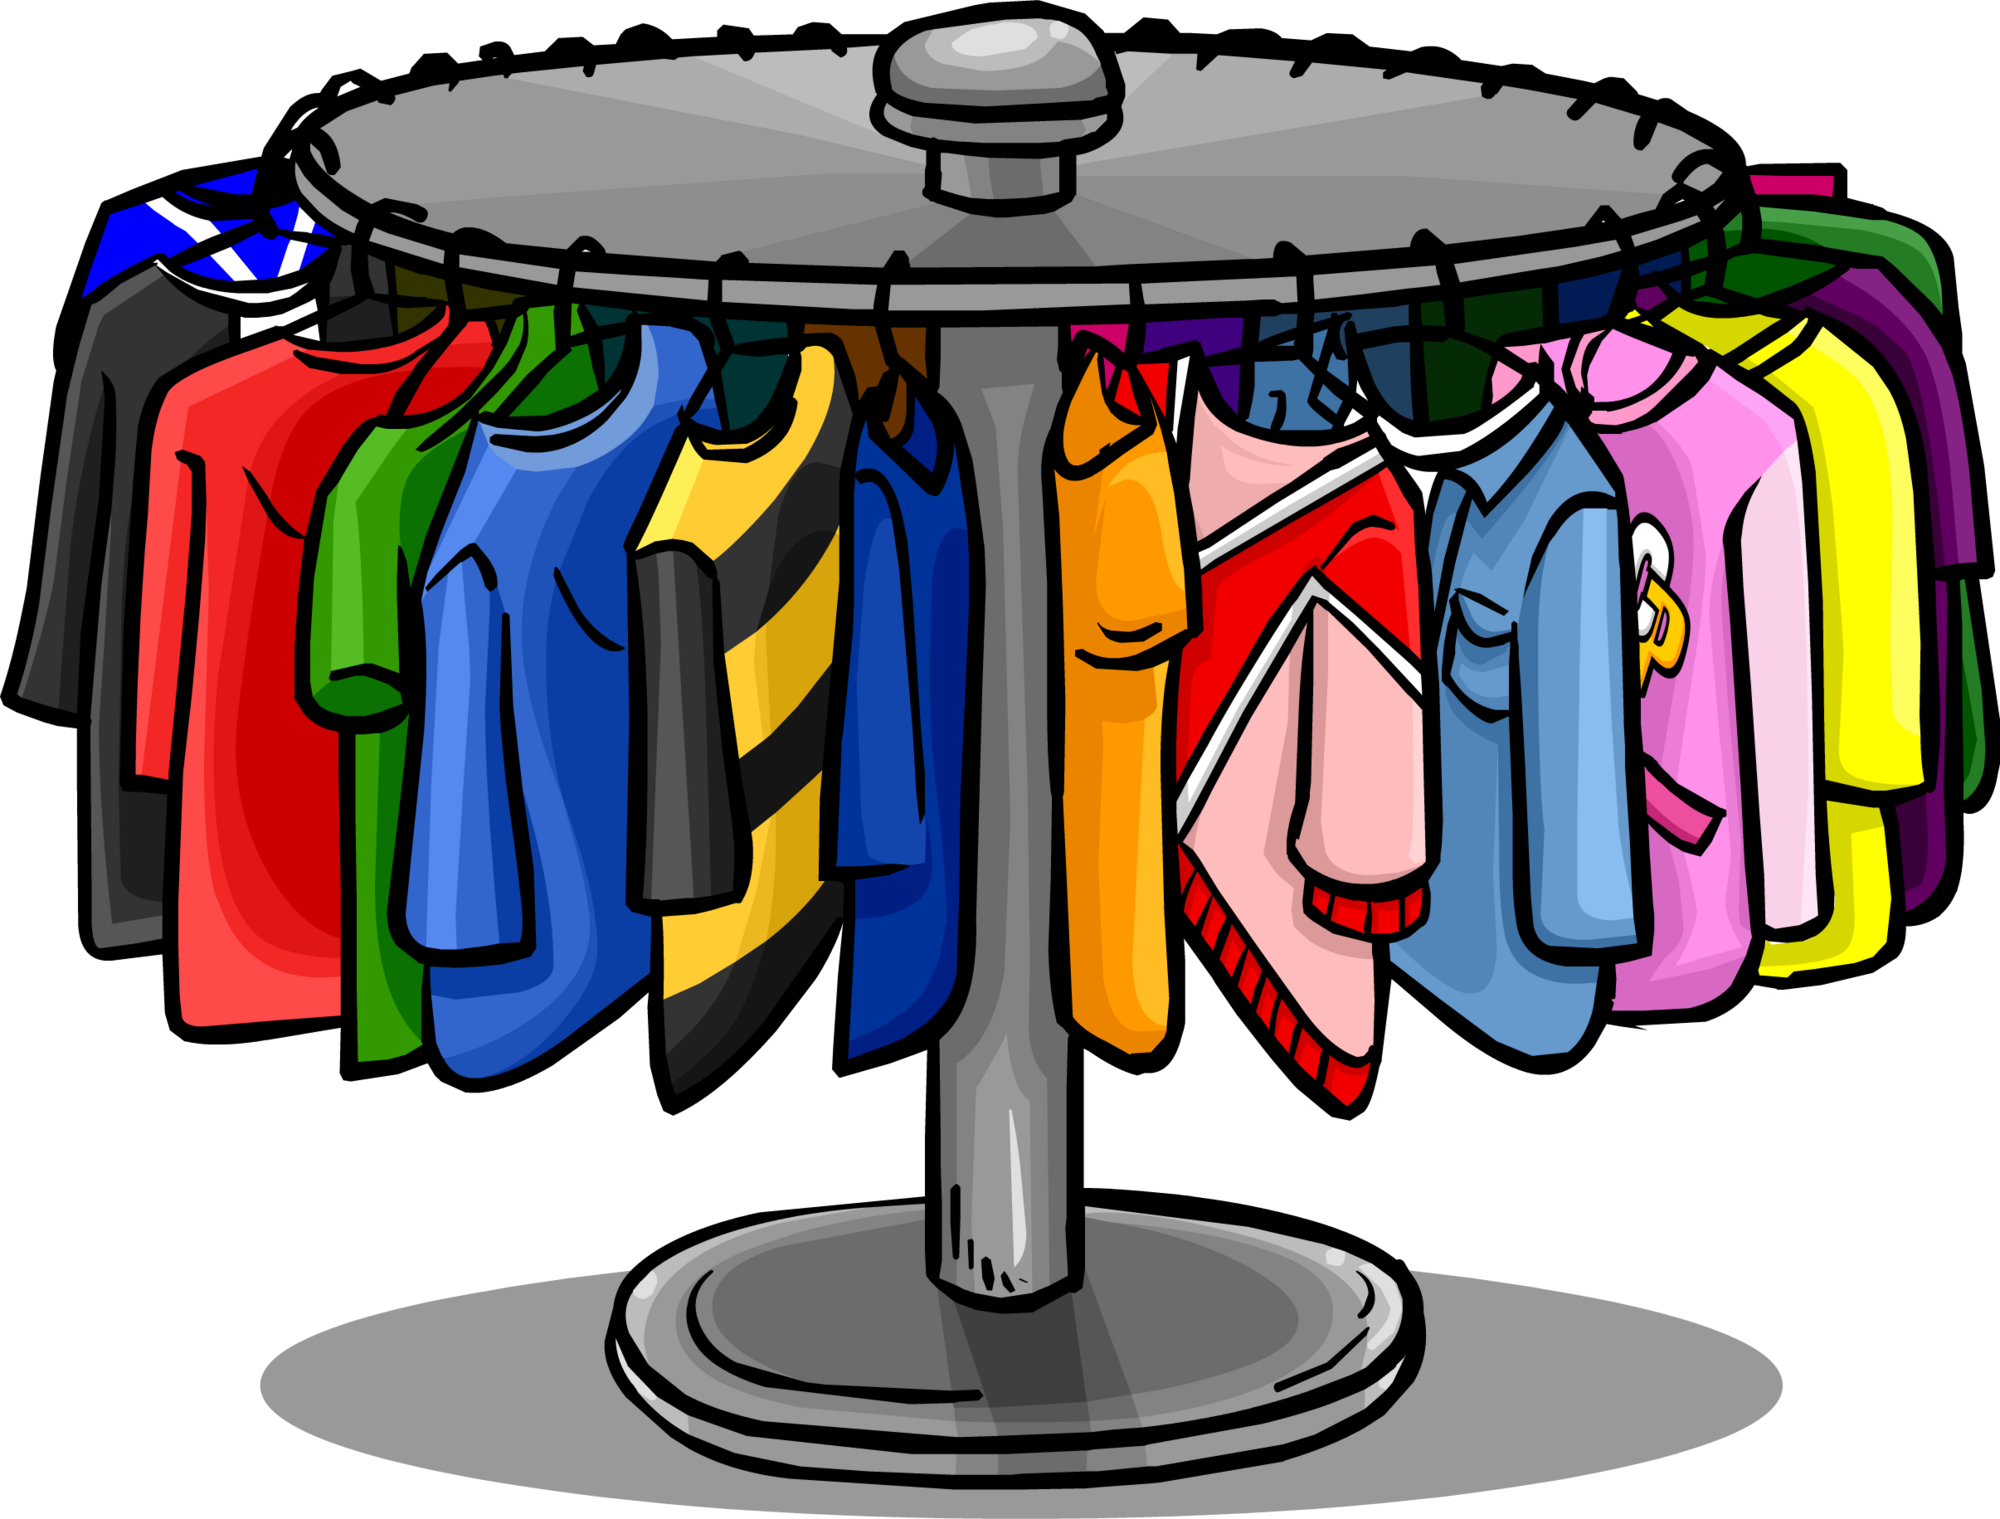 Garderobenständer clipart  Clothes Rack | Club Penguin Wiki | FANDOM powered by Wikia